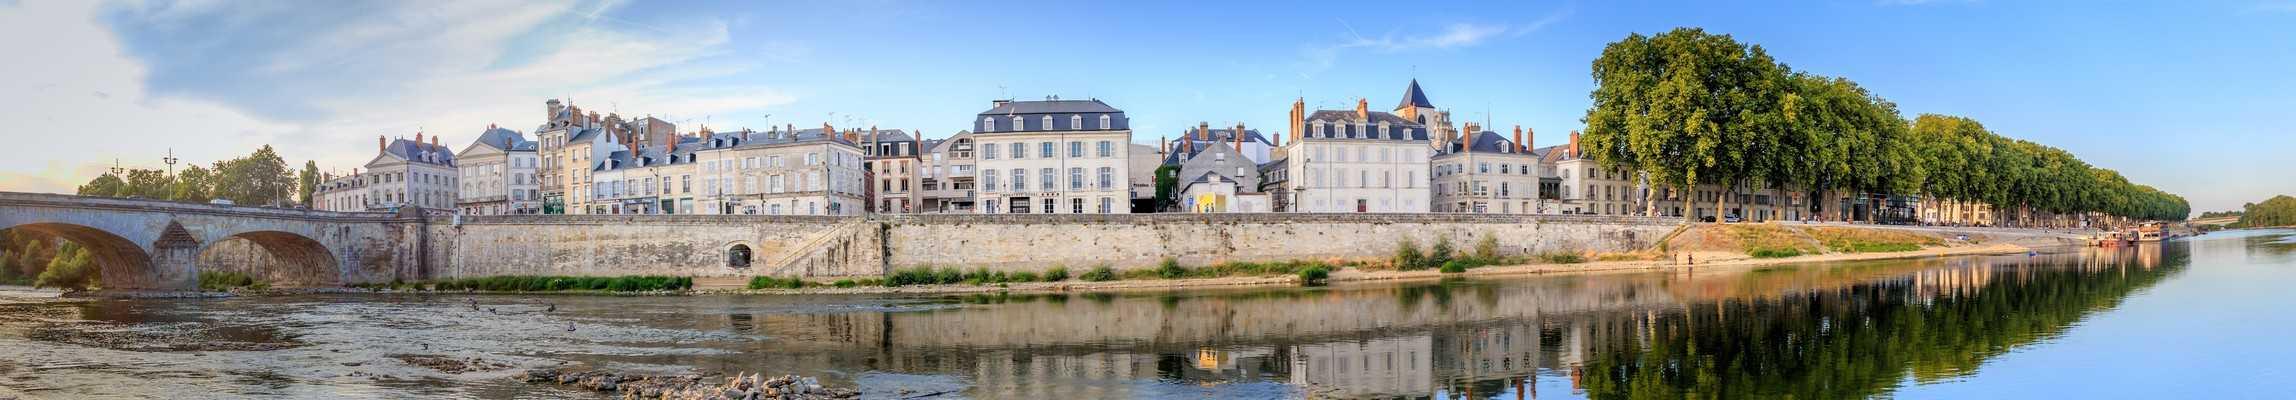 Loiret département